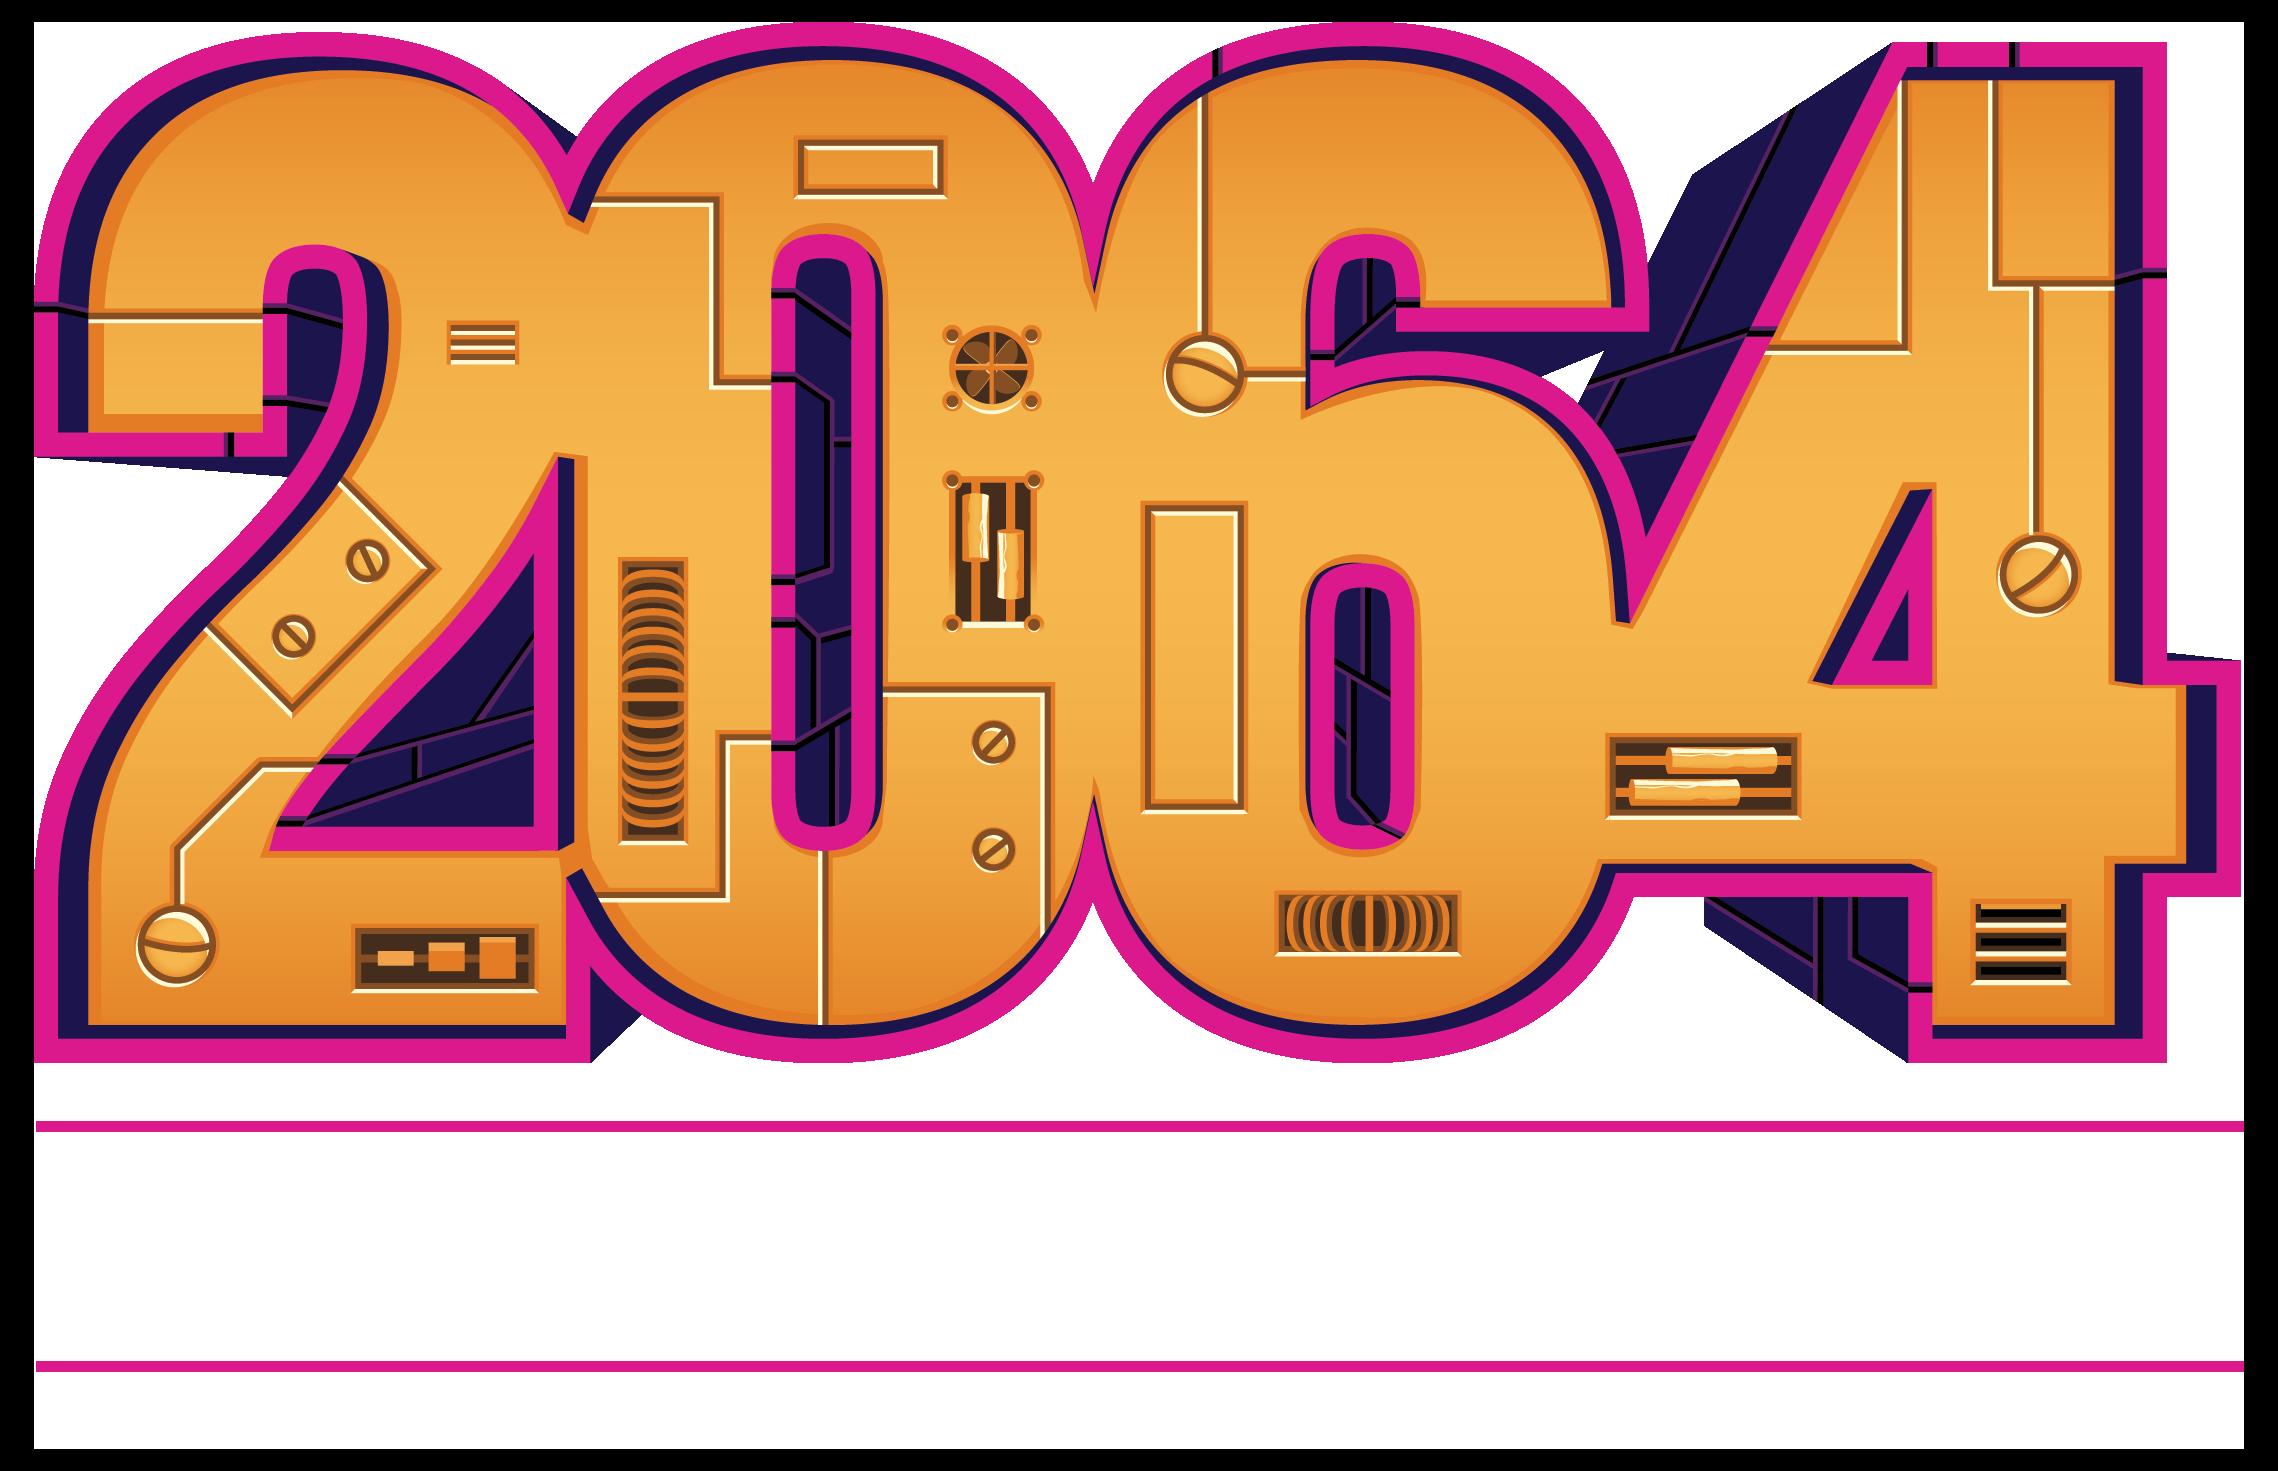 2064: リードオンリーメモリーズ